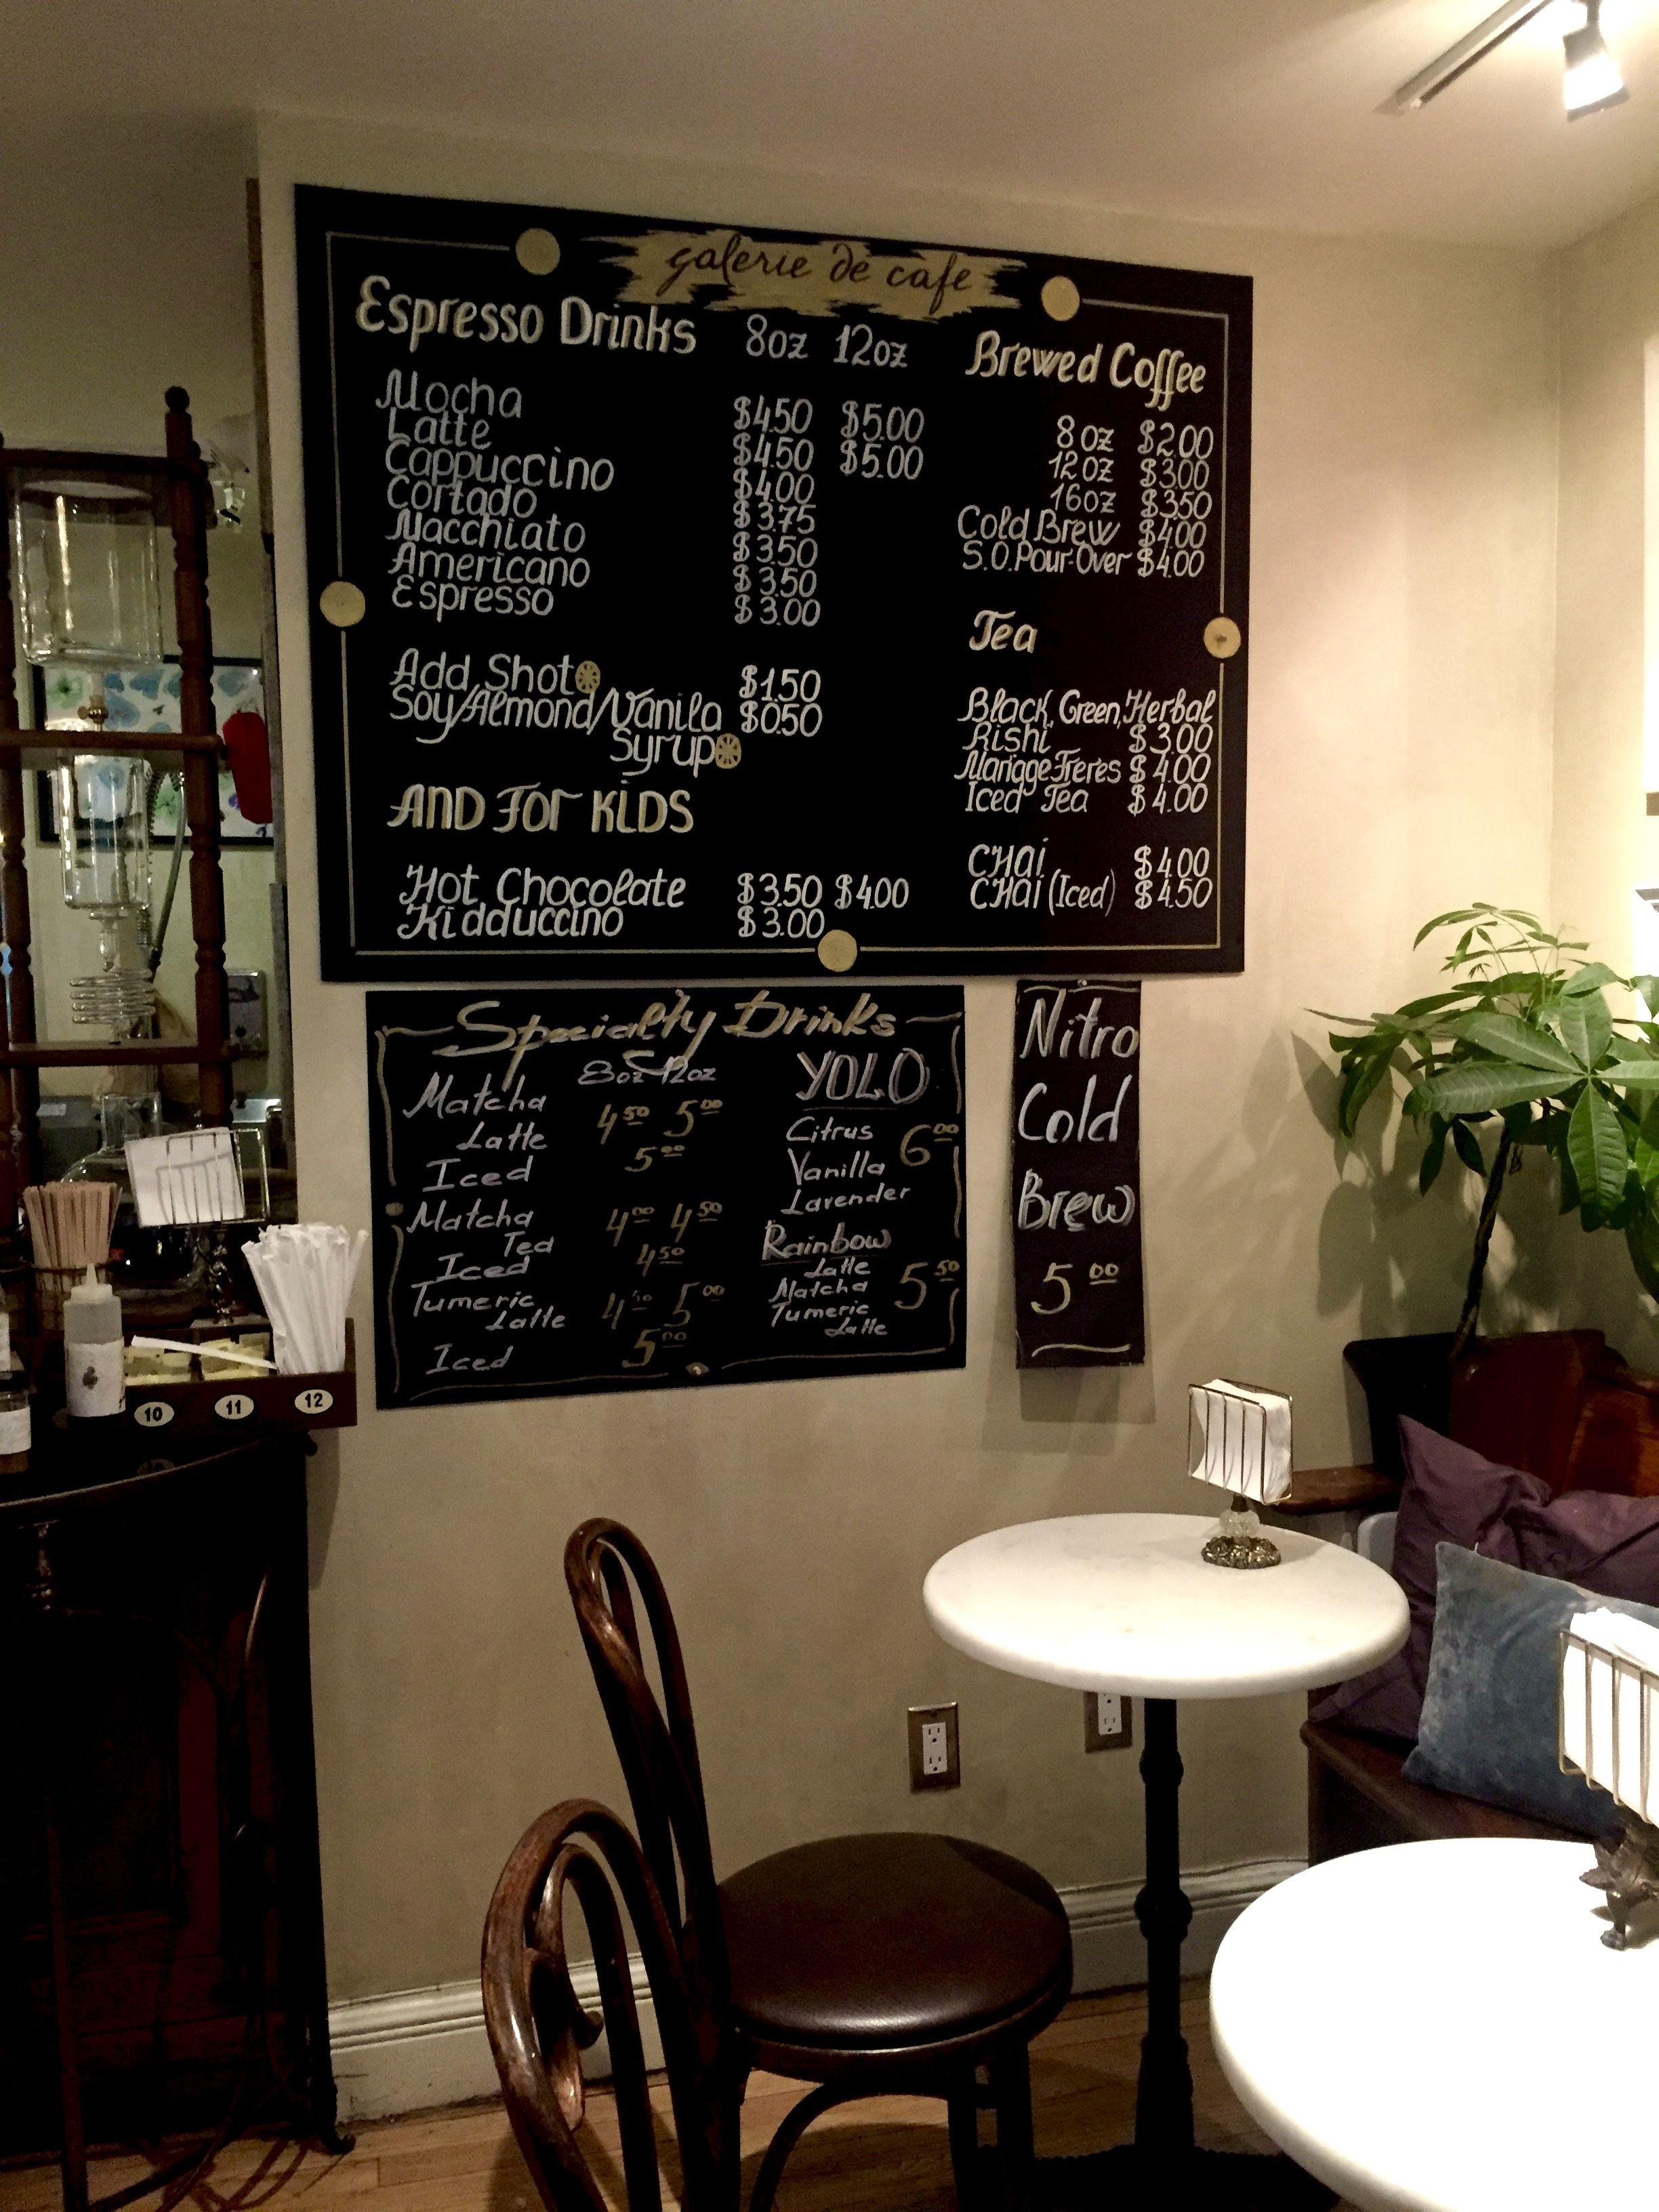 Galerie de Cafe Espresso drinks, Coffee brewing, Iced tea